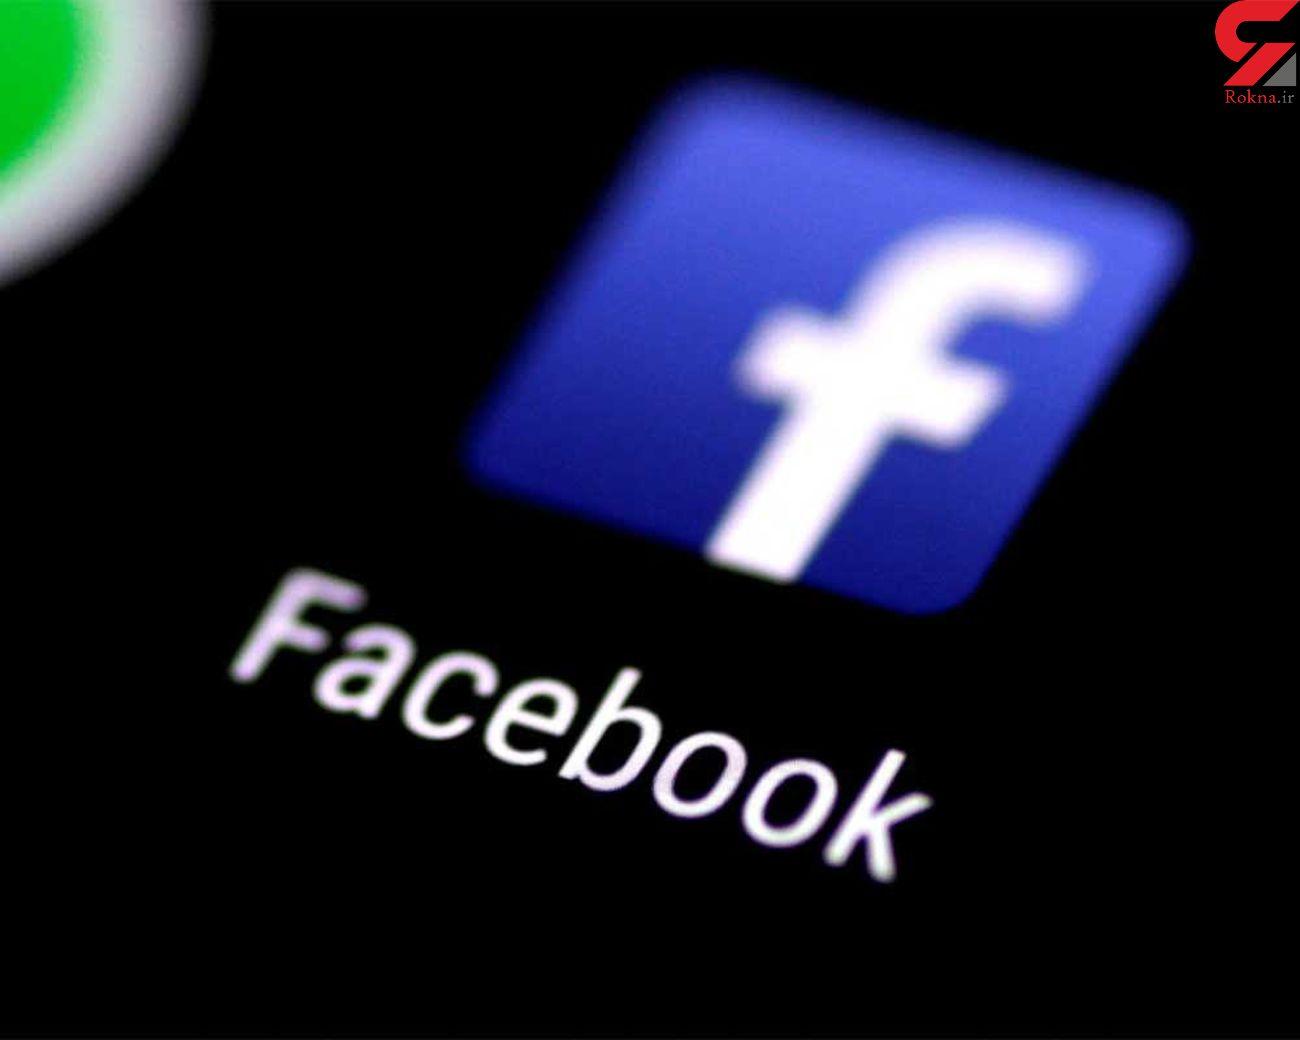 بیانیه شرکت فیسبوک در مورد اختلال اخیر